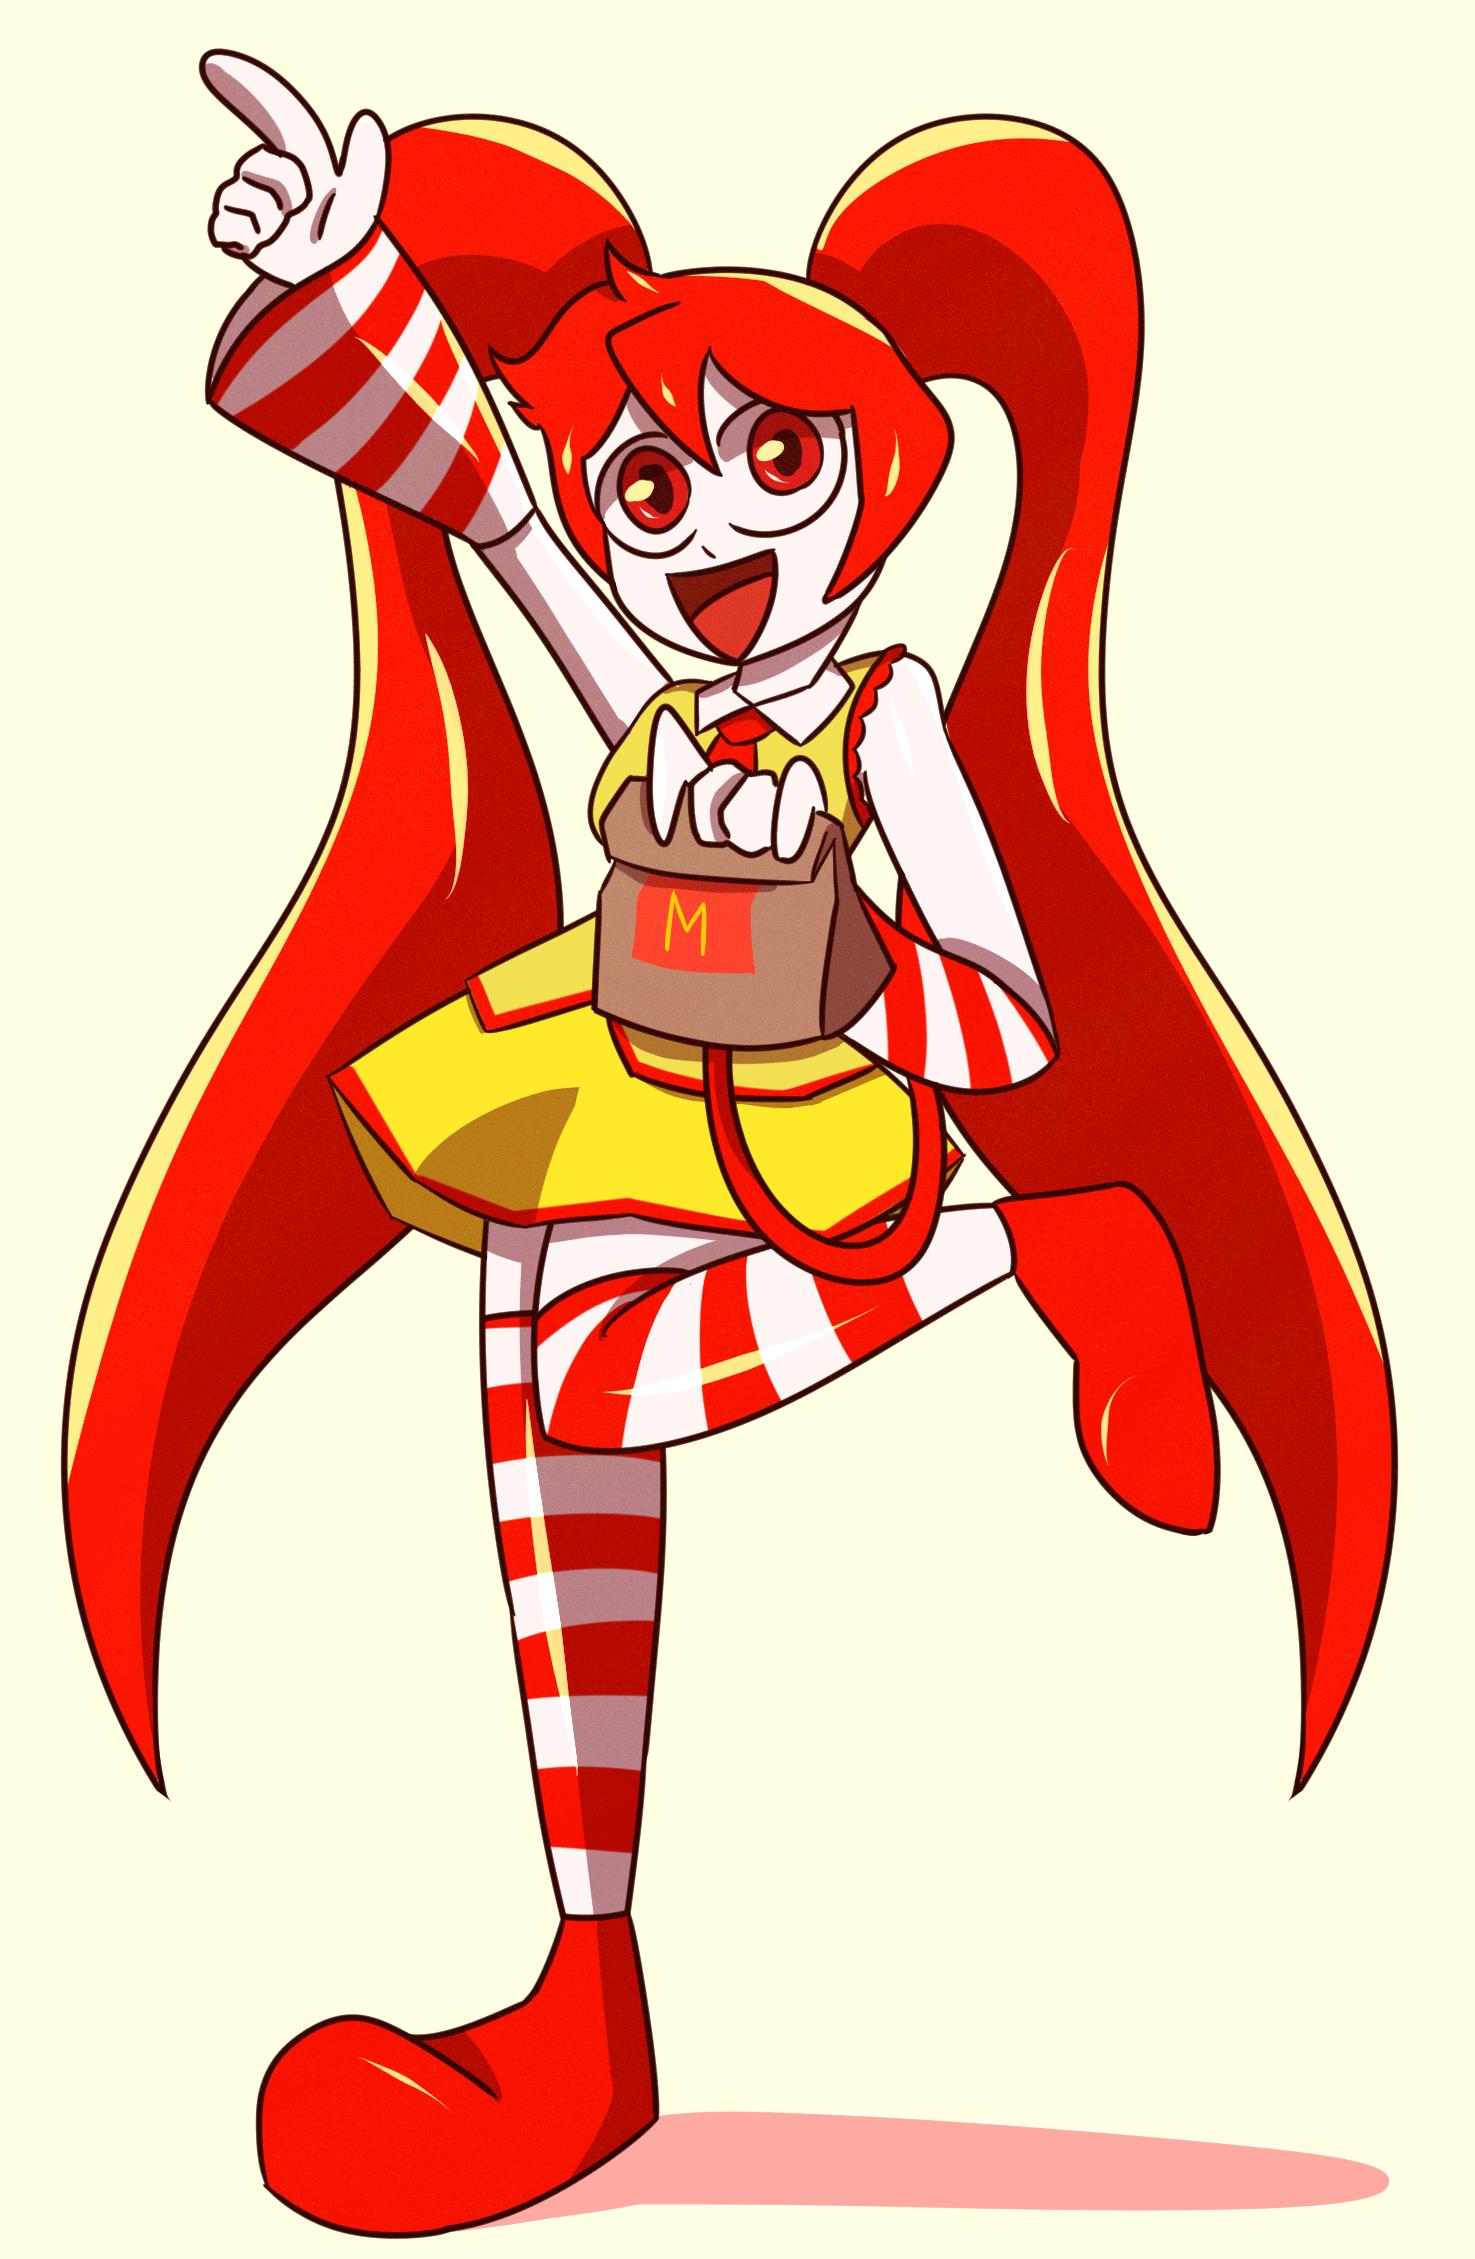 McDonalds Miku